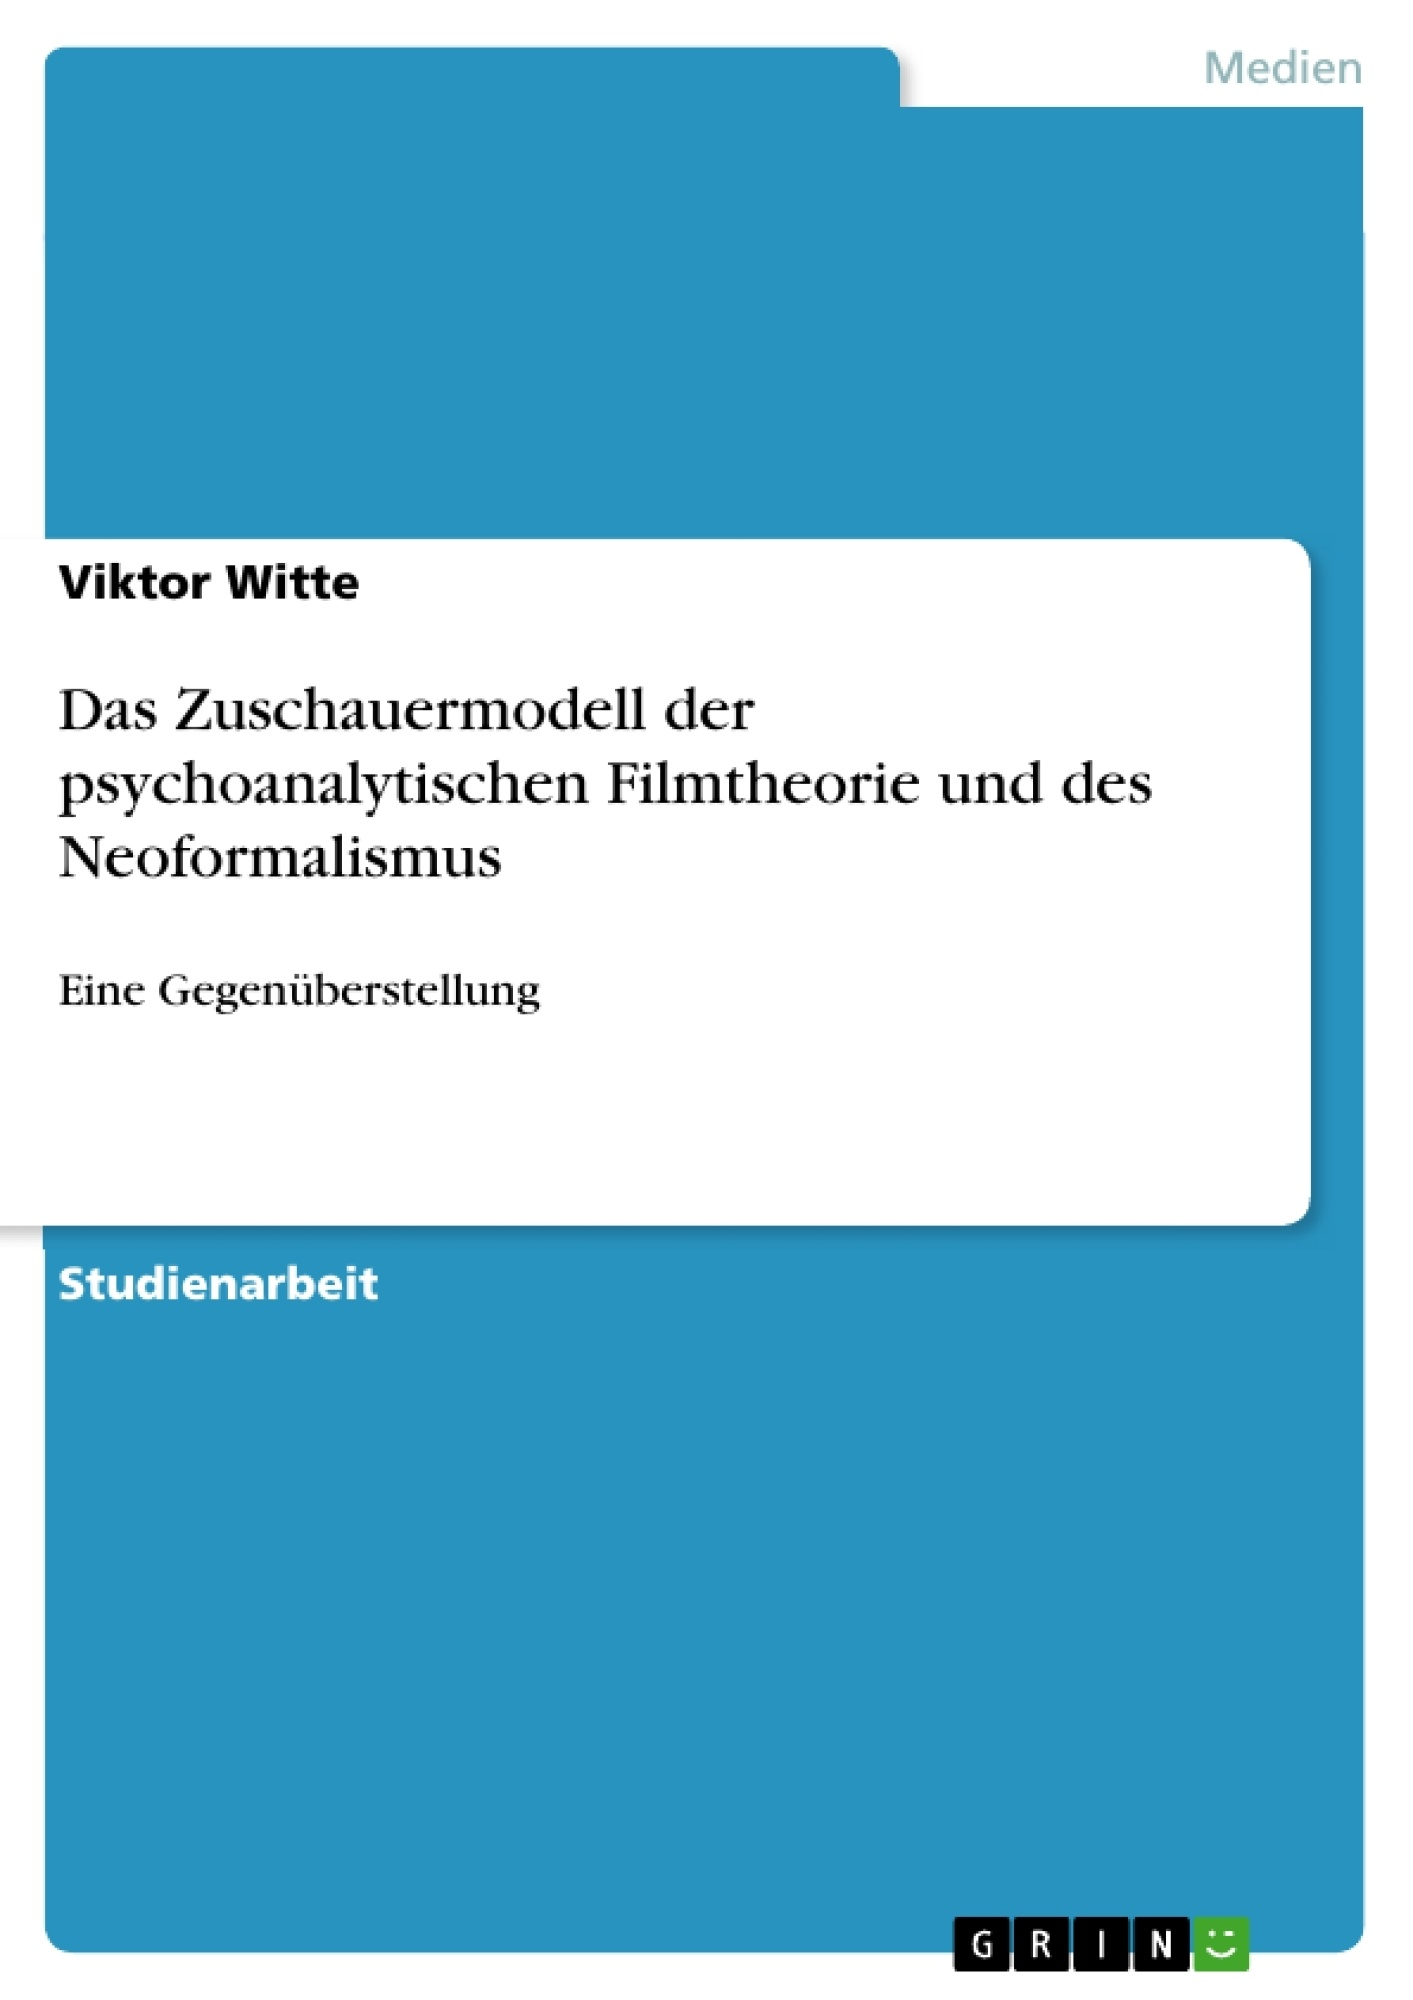 Titel: Das Zuschauermodell der psychoanalytischen Filmtheorie und des Neoformalismus